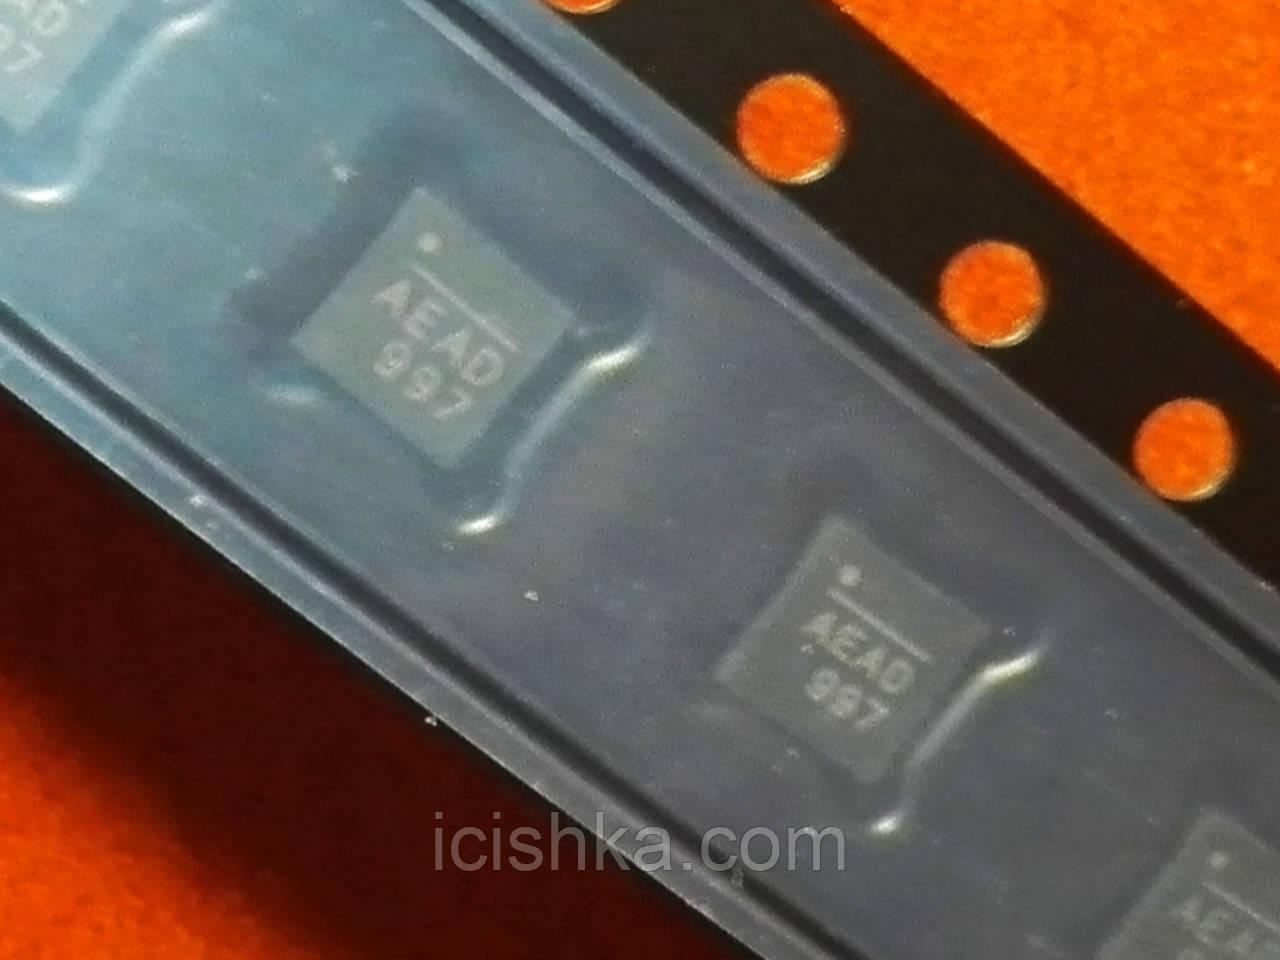 NB671GQ / NB671GQ-Z [AEAx] - ШИМ контроллер питания